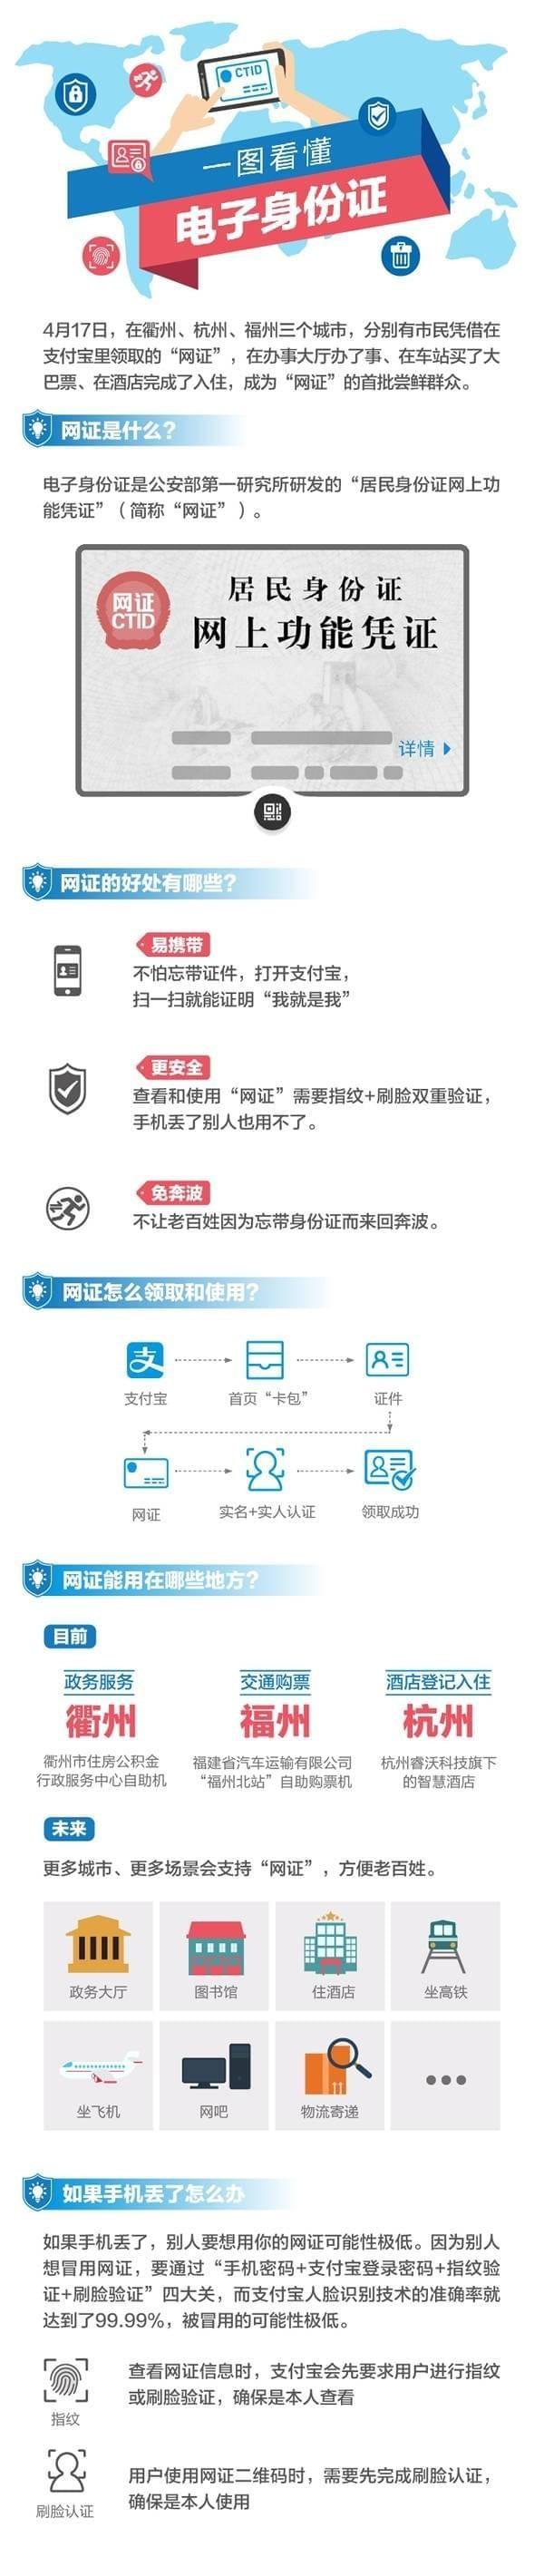 网证身份证怎么办理 支付宝网证身份证怎么用